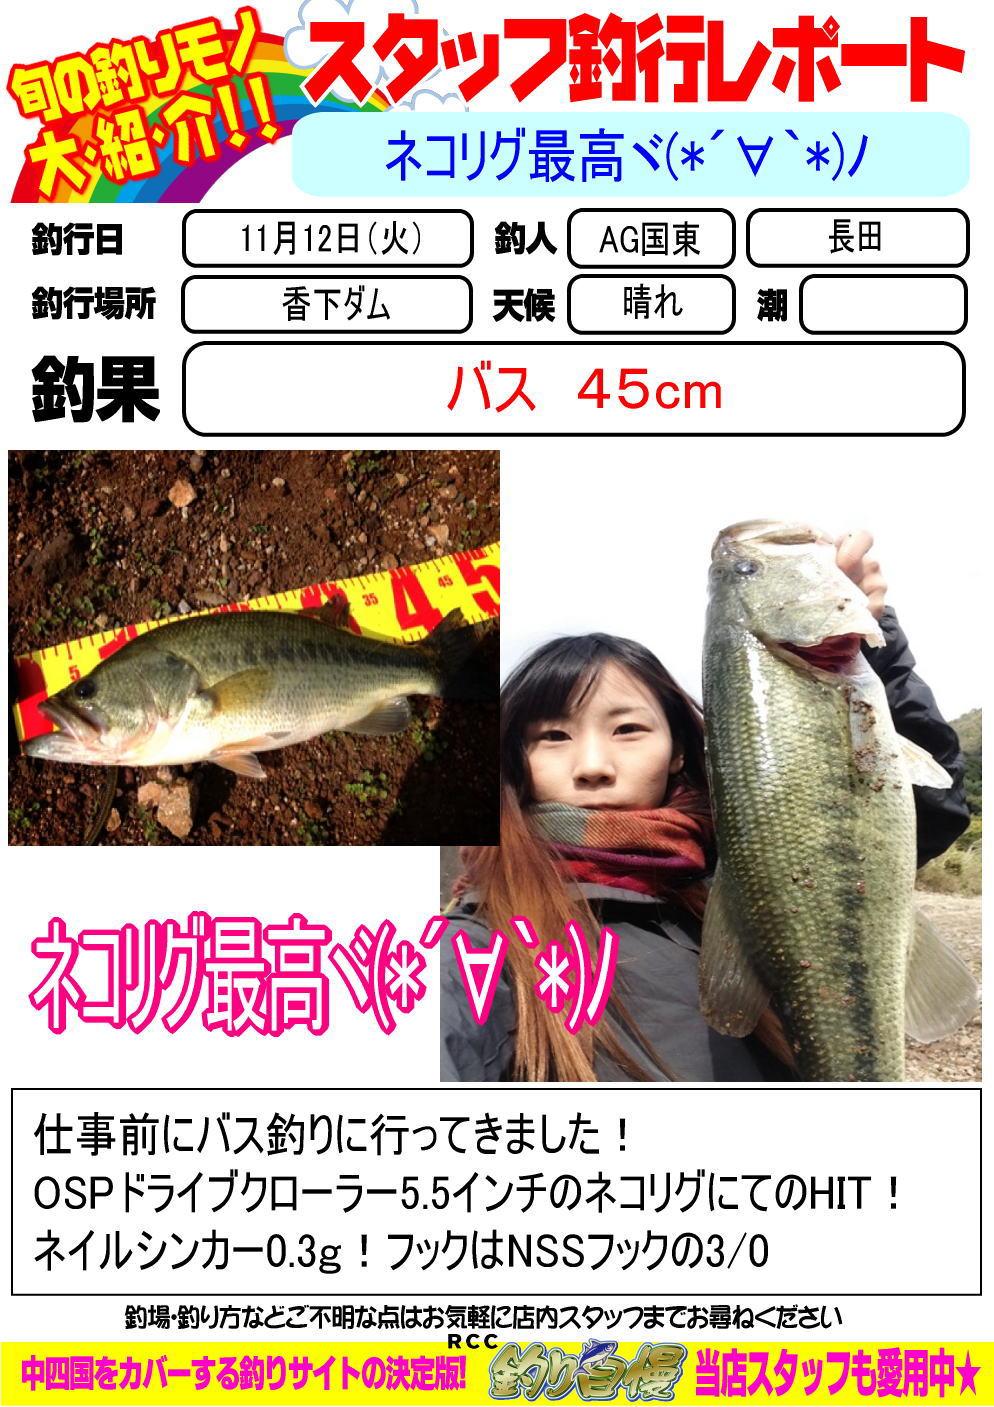 http://www.e-angle.co.jp/shop/blog/blog-20131112-kunisaki-basu.jpg